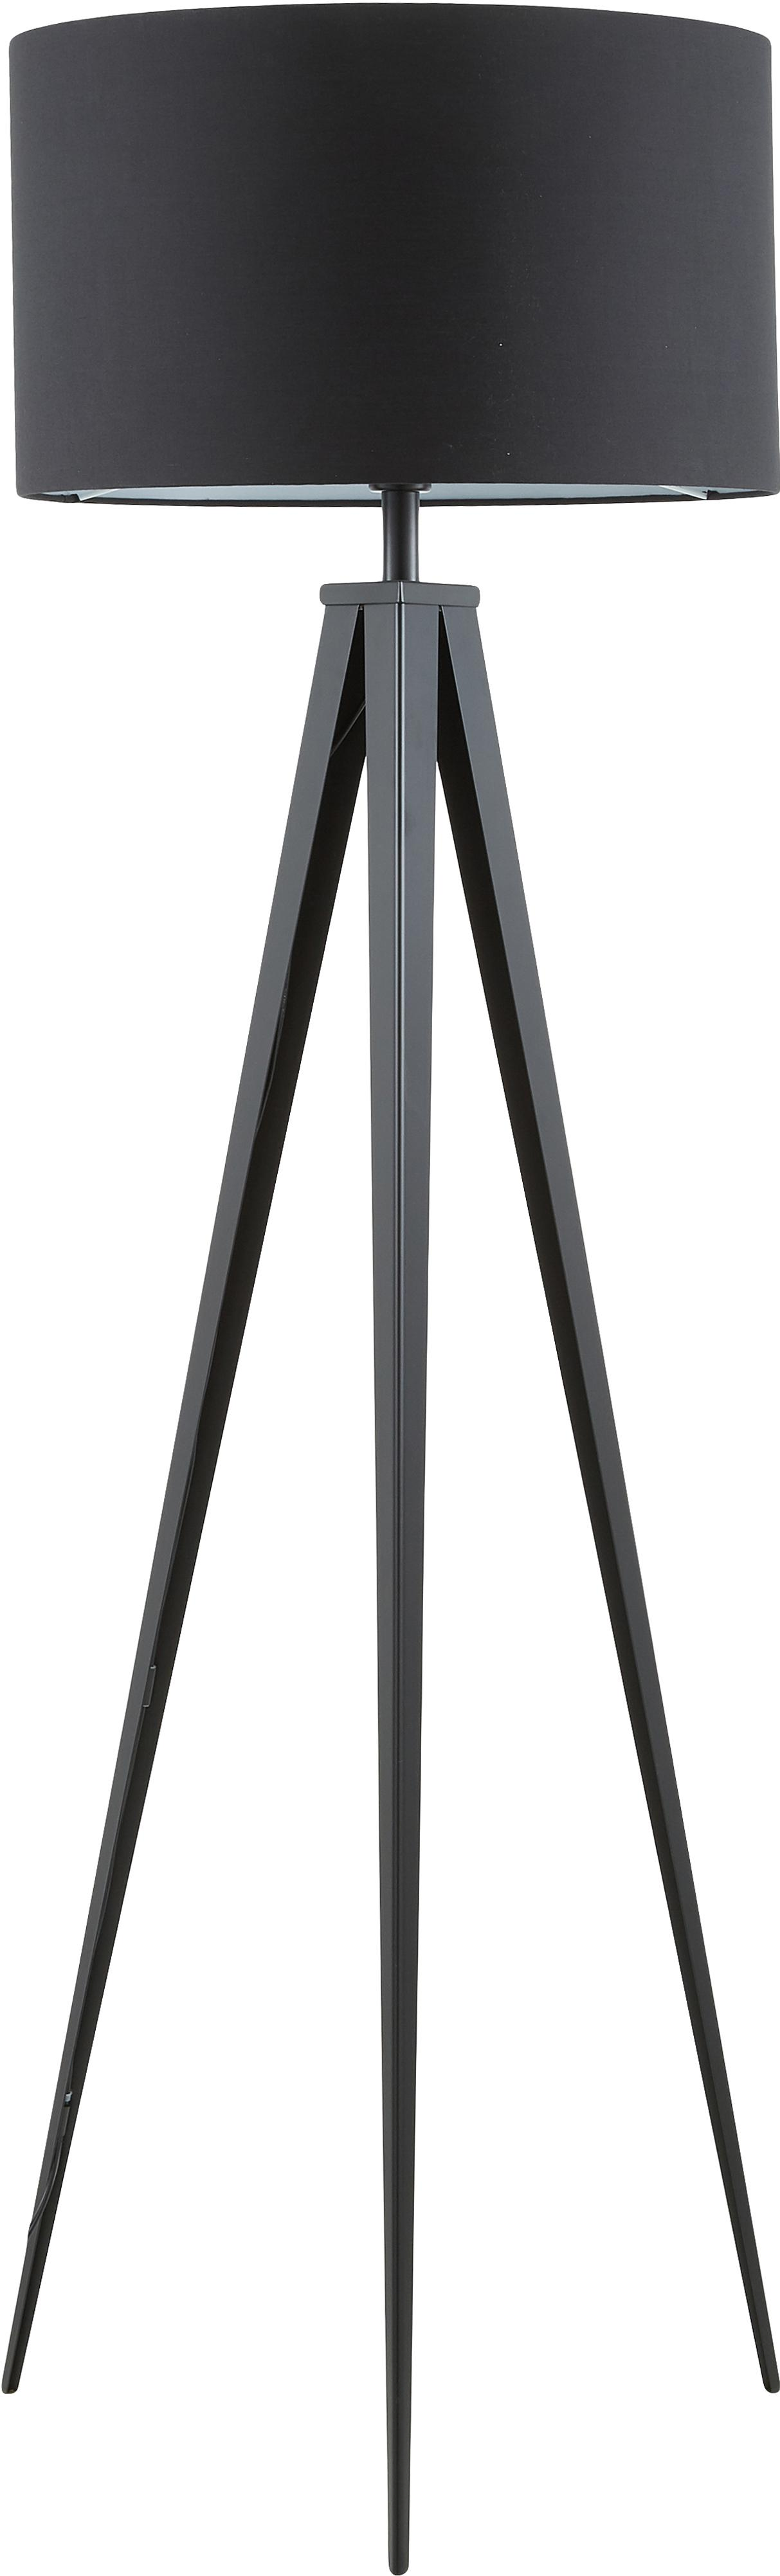 Lámpara de pie trípode Jake, Pantalla: tela, Cable: plástico, Negro, Ø 50 x Al 158 cm